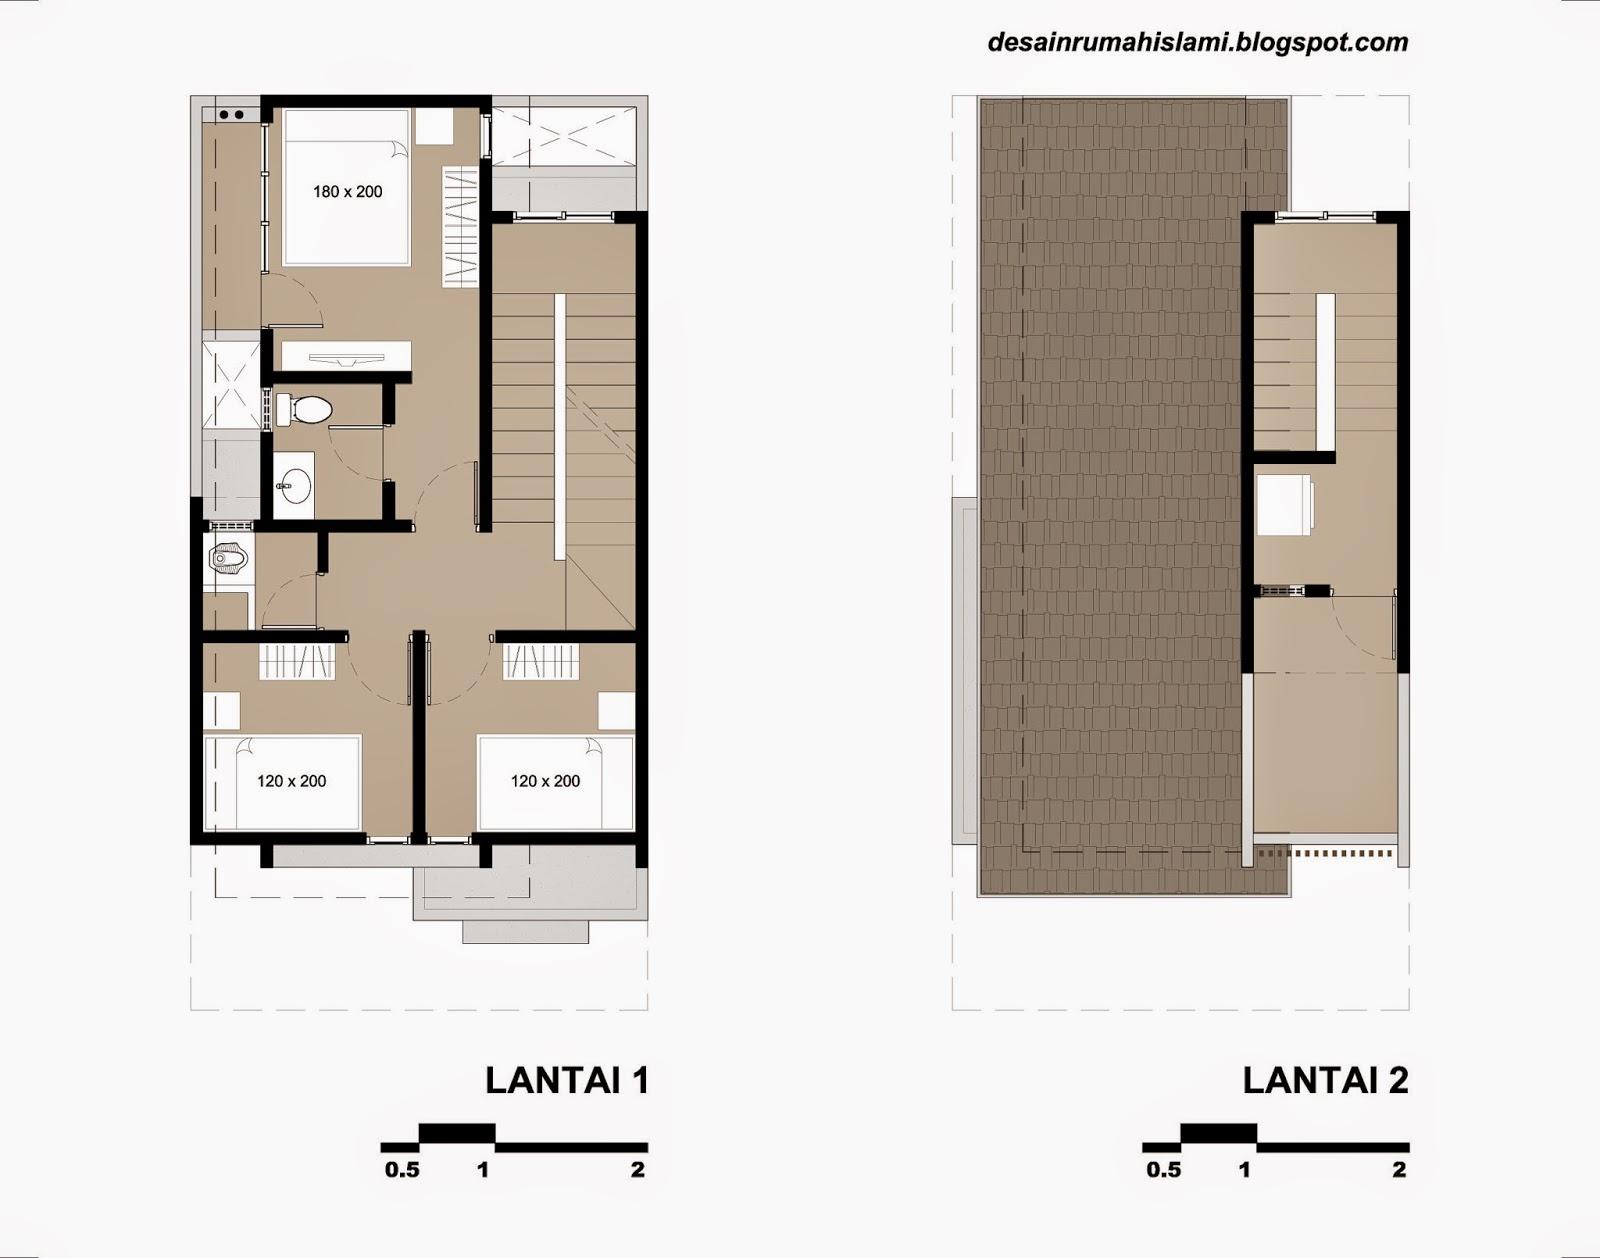 Jika Anda ingin menggunakan atau memodifikasi denah rumah ini anda bisa mendownload gambar CAD dari desain di atas melalui link di bawah ini.